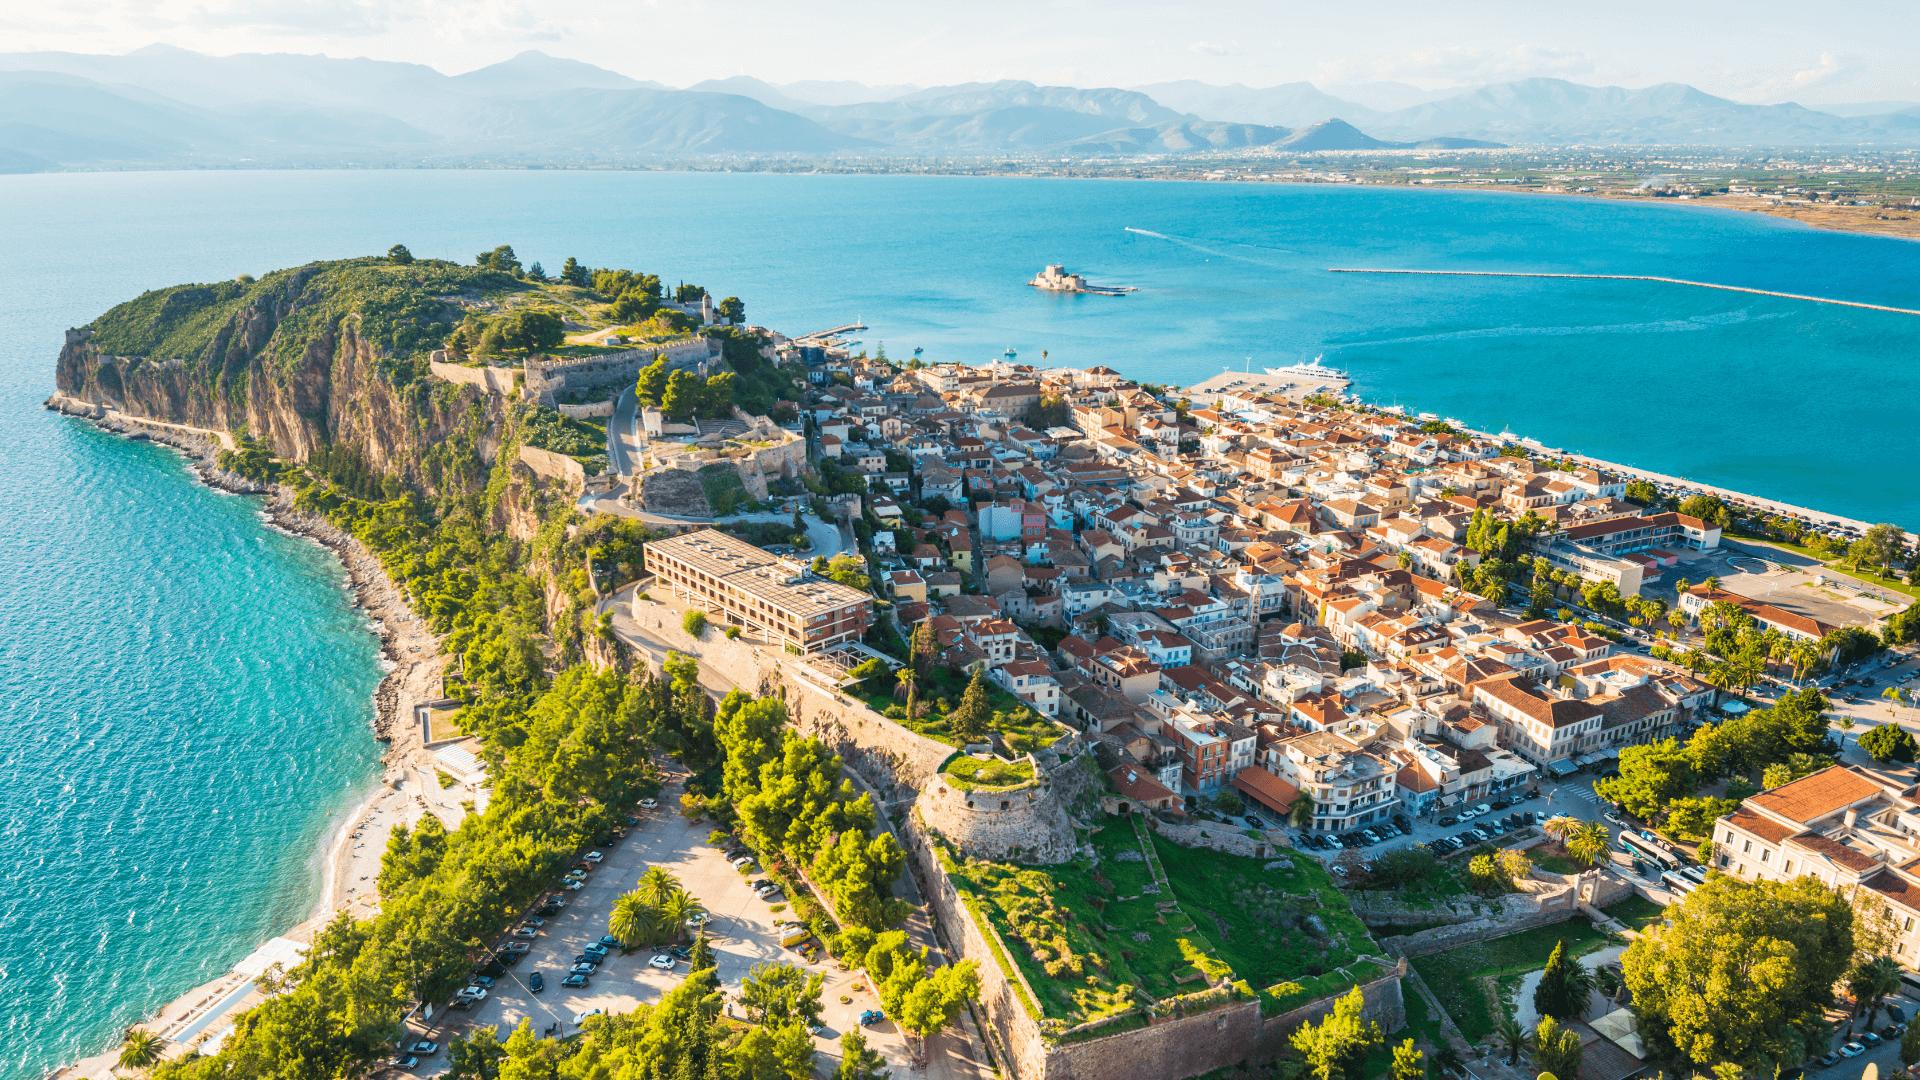 Yunanistan'ın İlk Başkenti; Nafplion